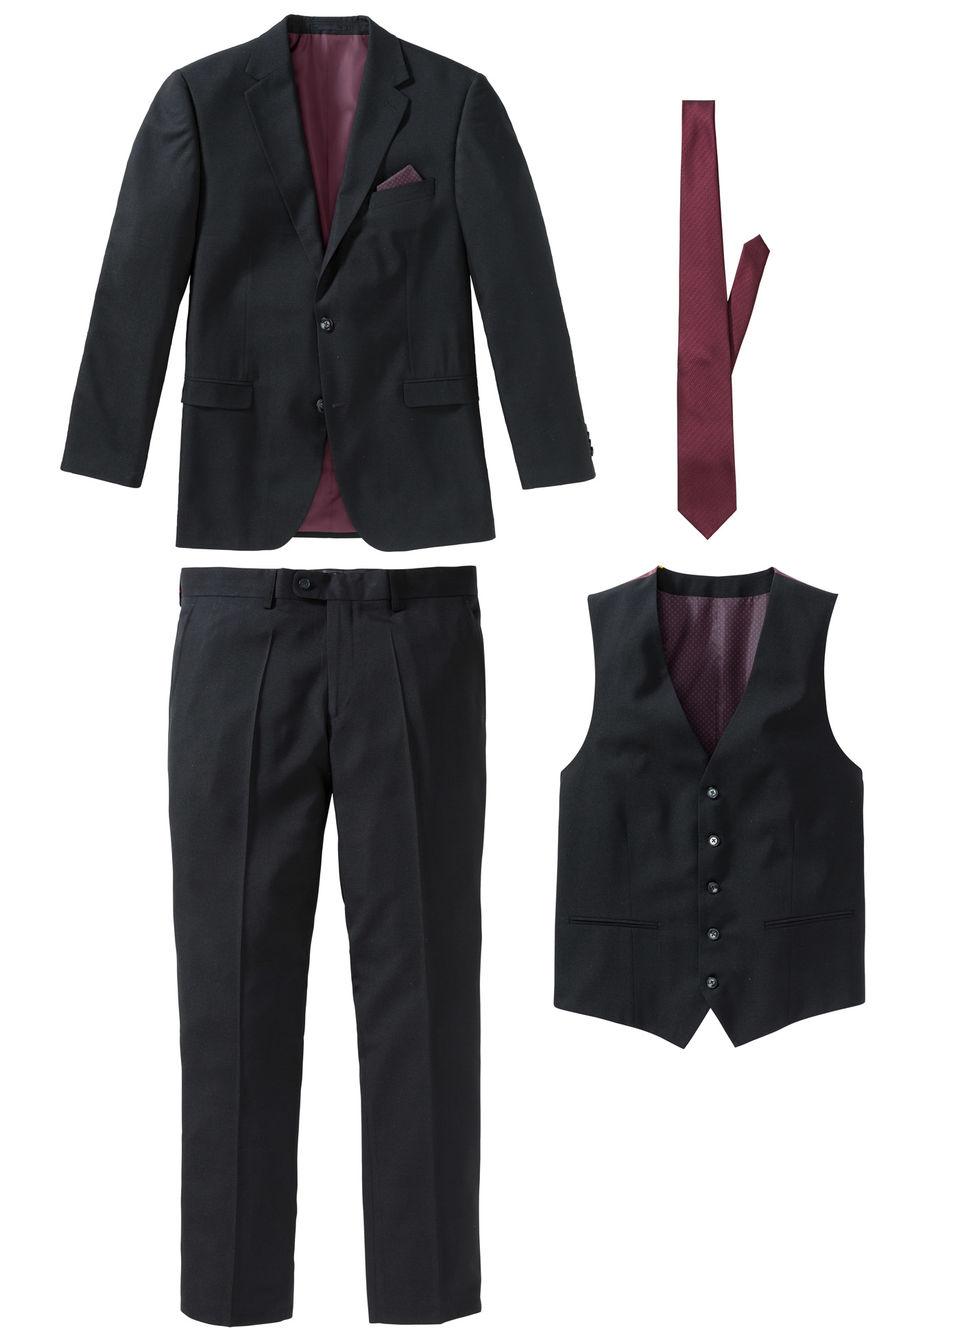 Пиджак, брюки, жилет, галстук (4 изд.) от bonprix